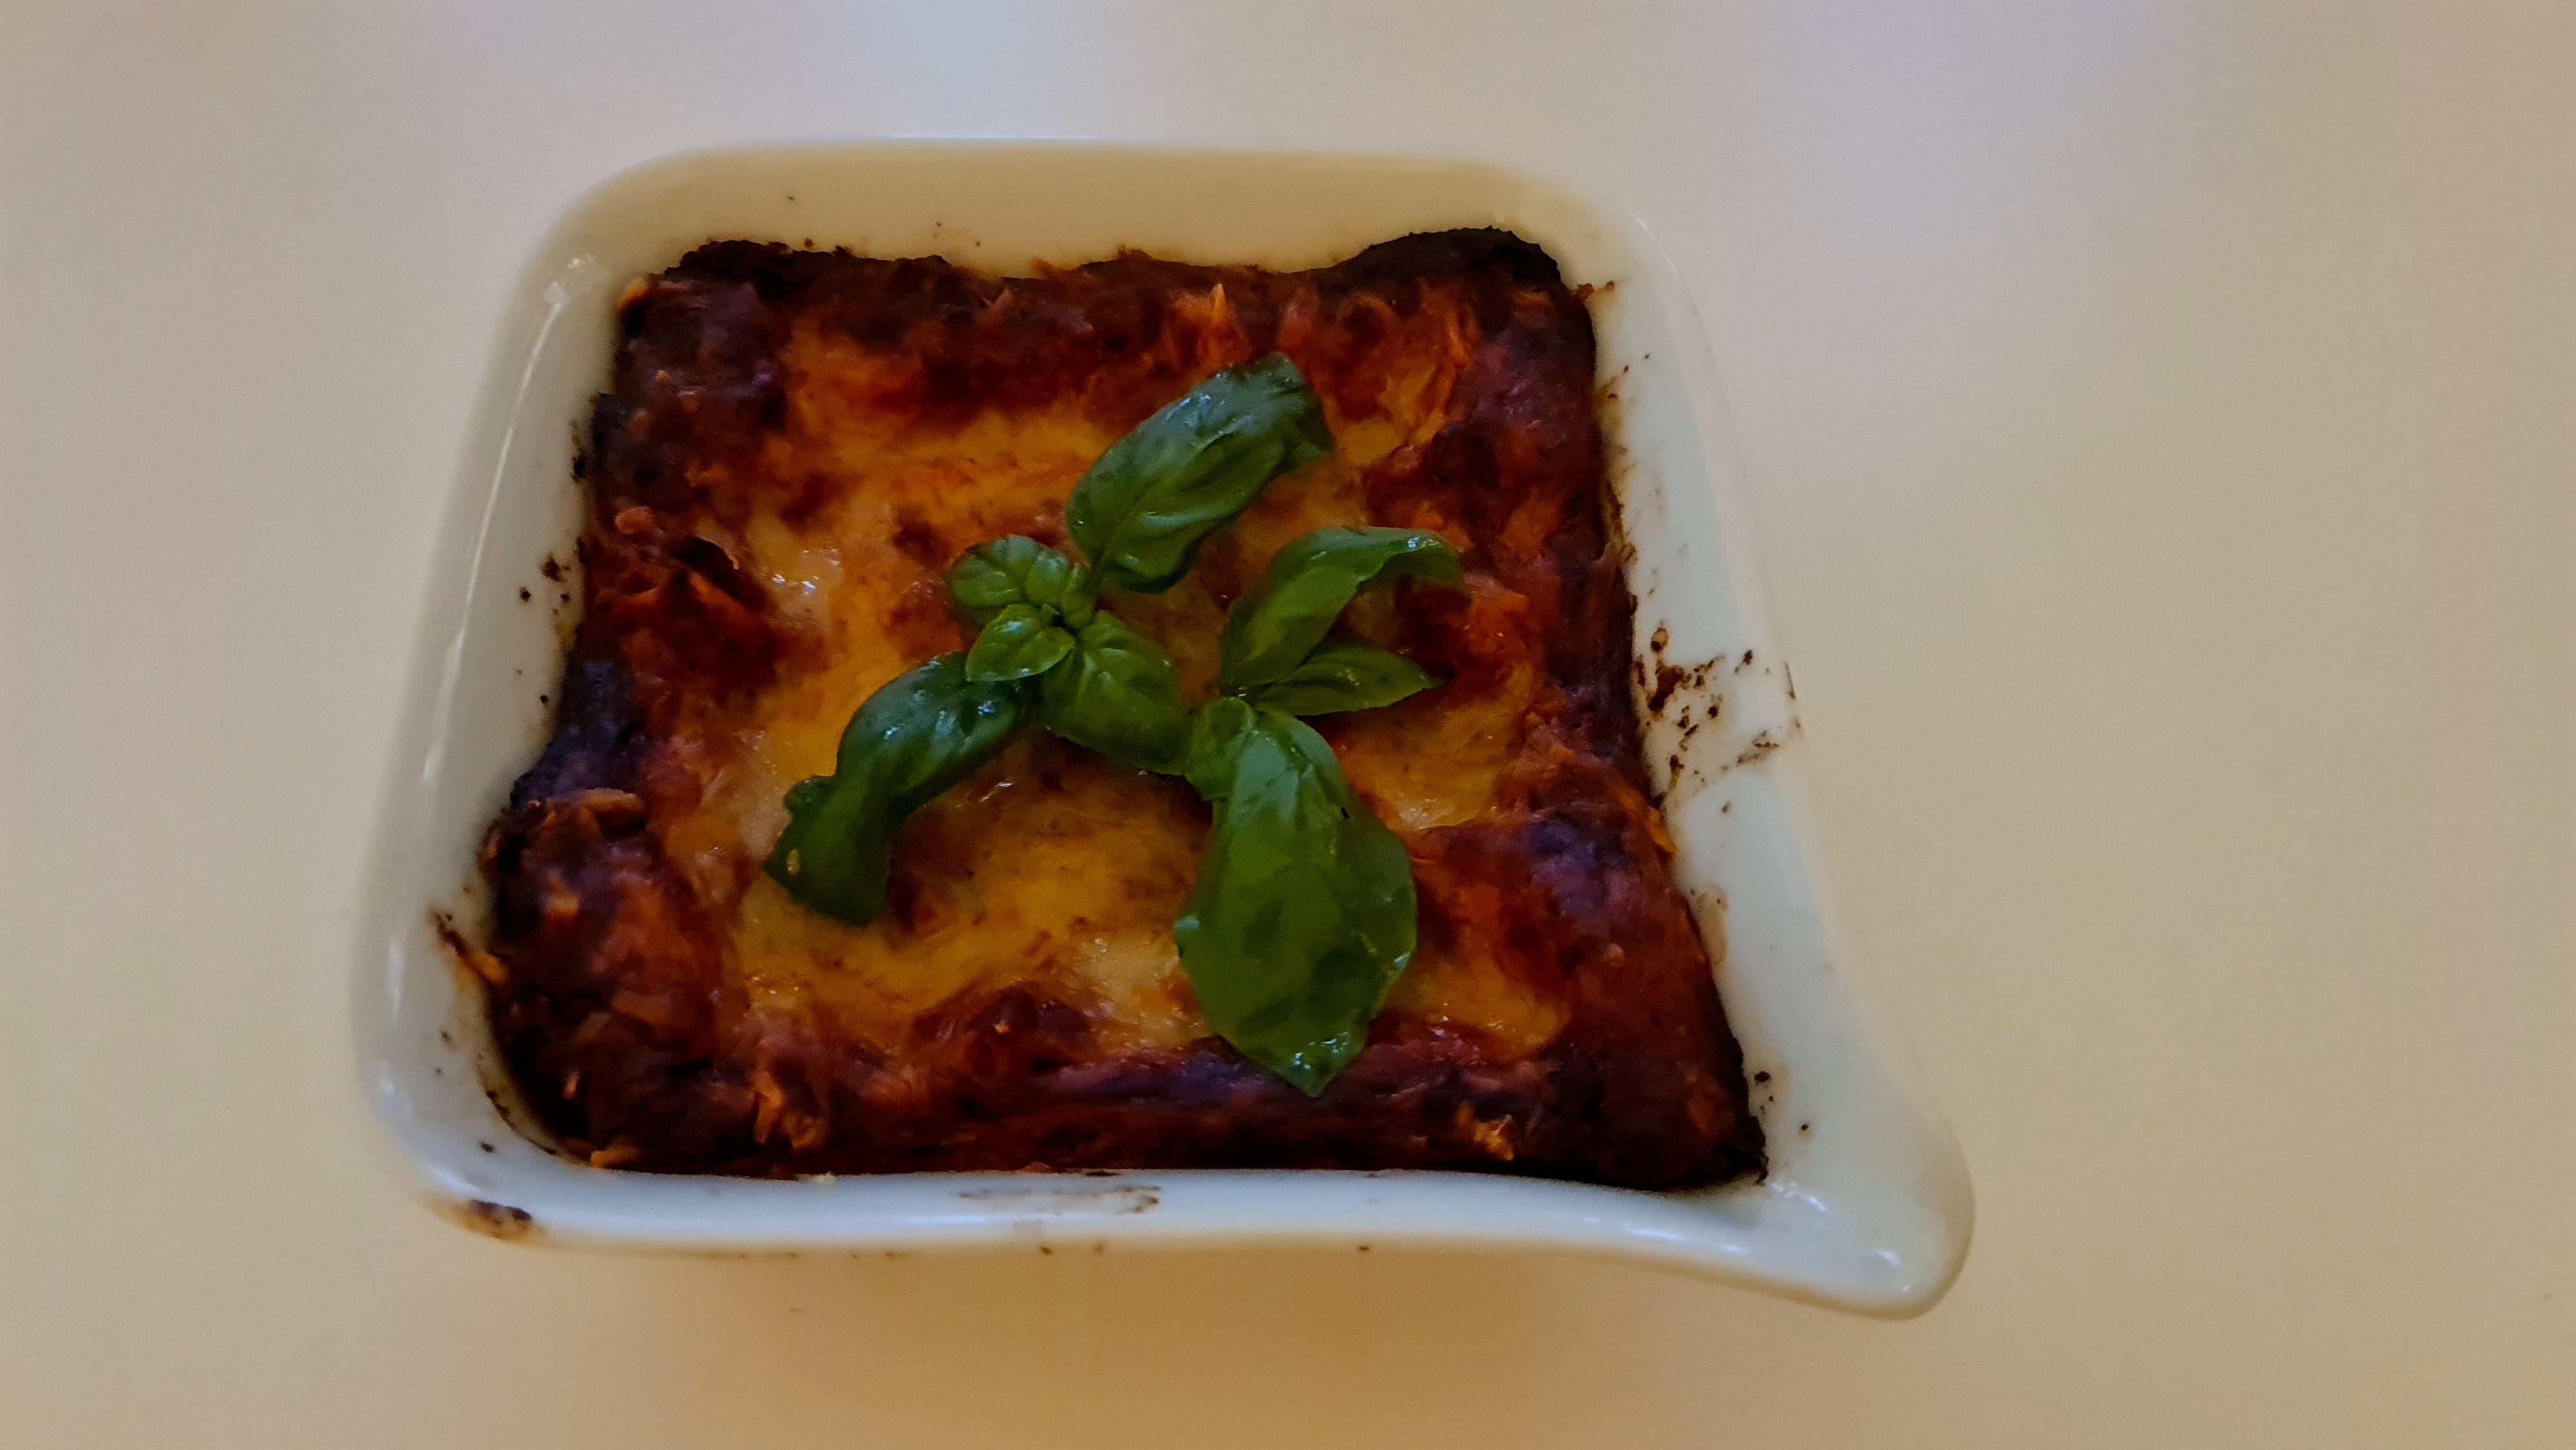 https://foodloader.net/Holz_2020-09-28_Lasagne.jpg